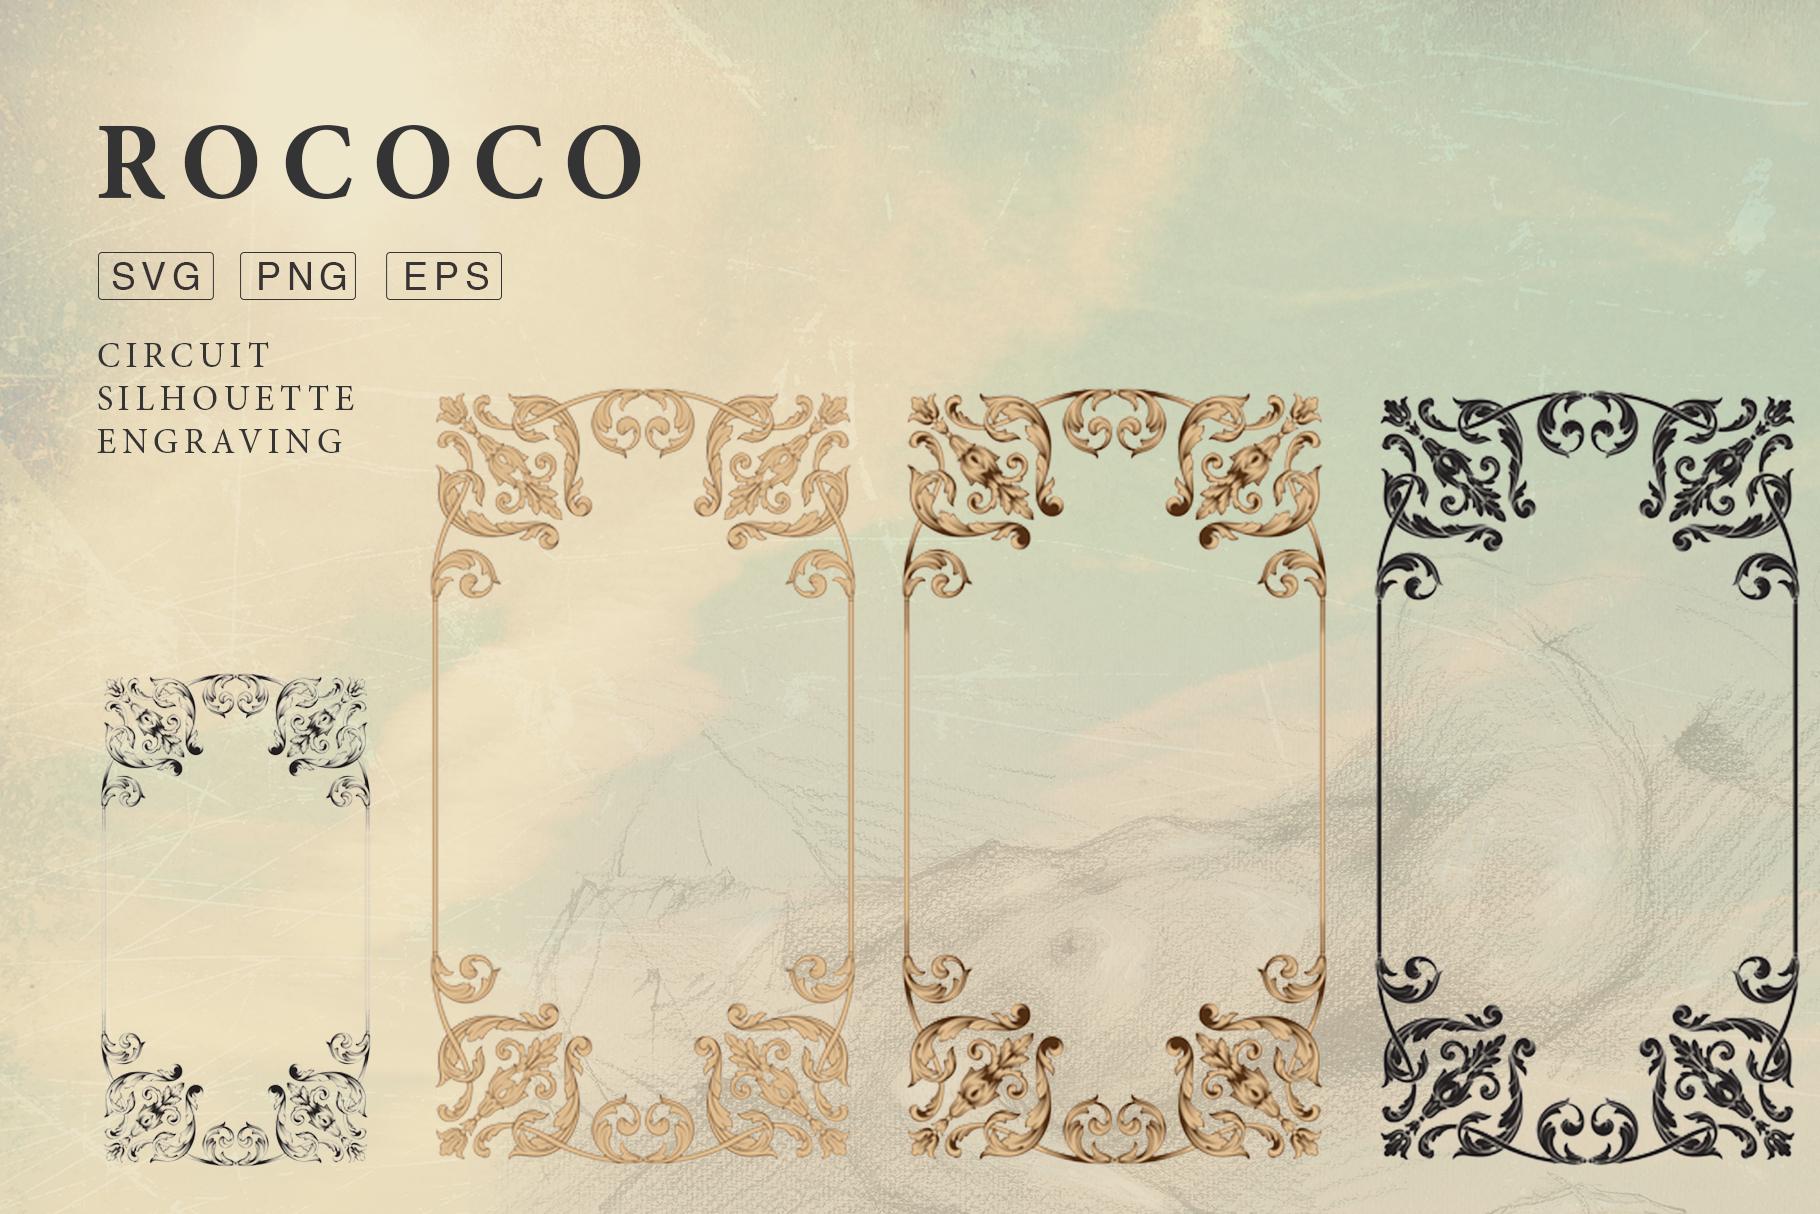 Rococo Romance Ornament page decor example image 10